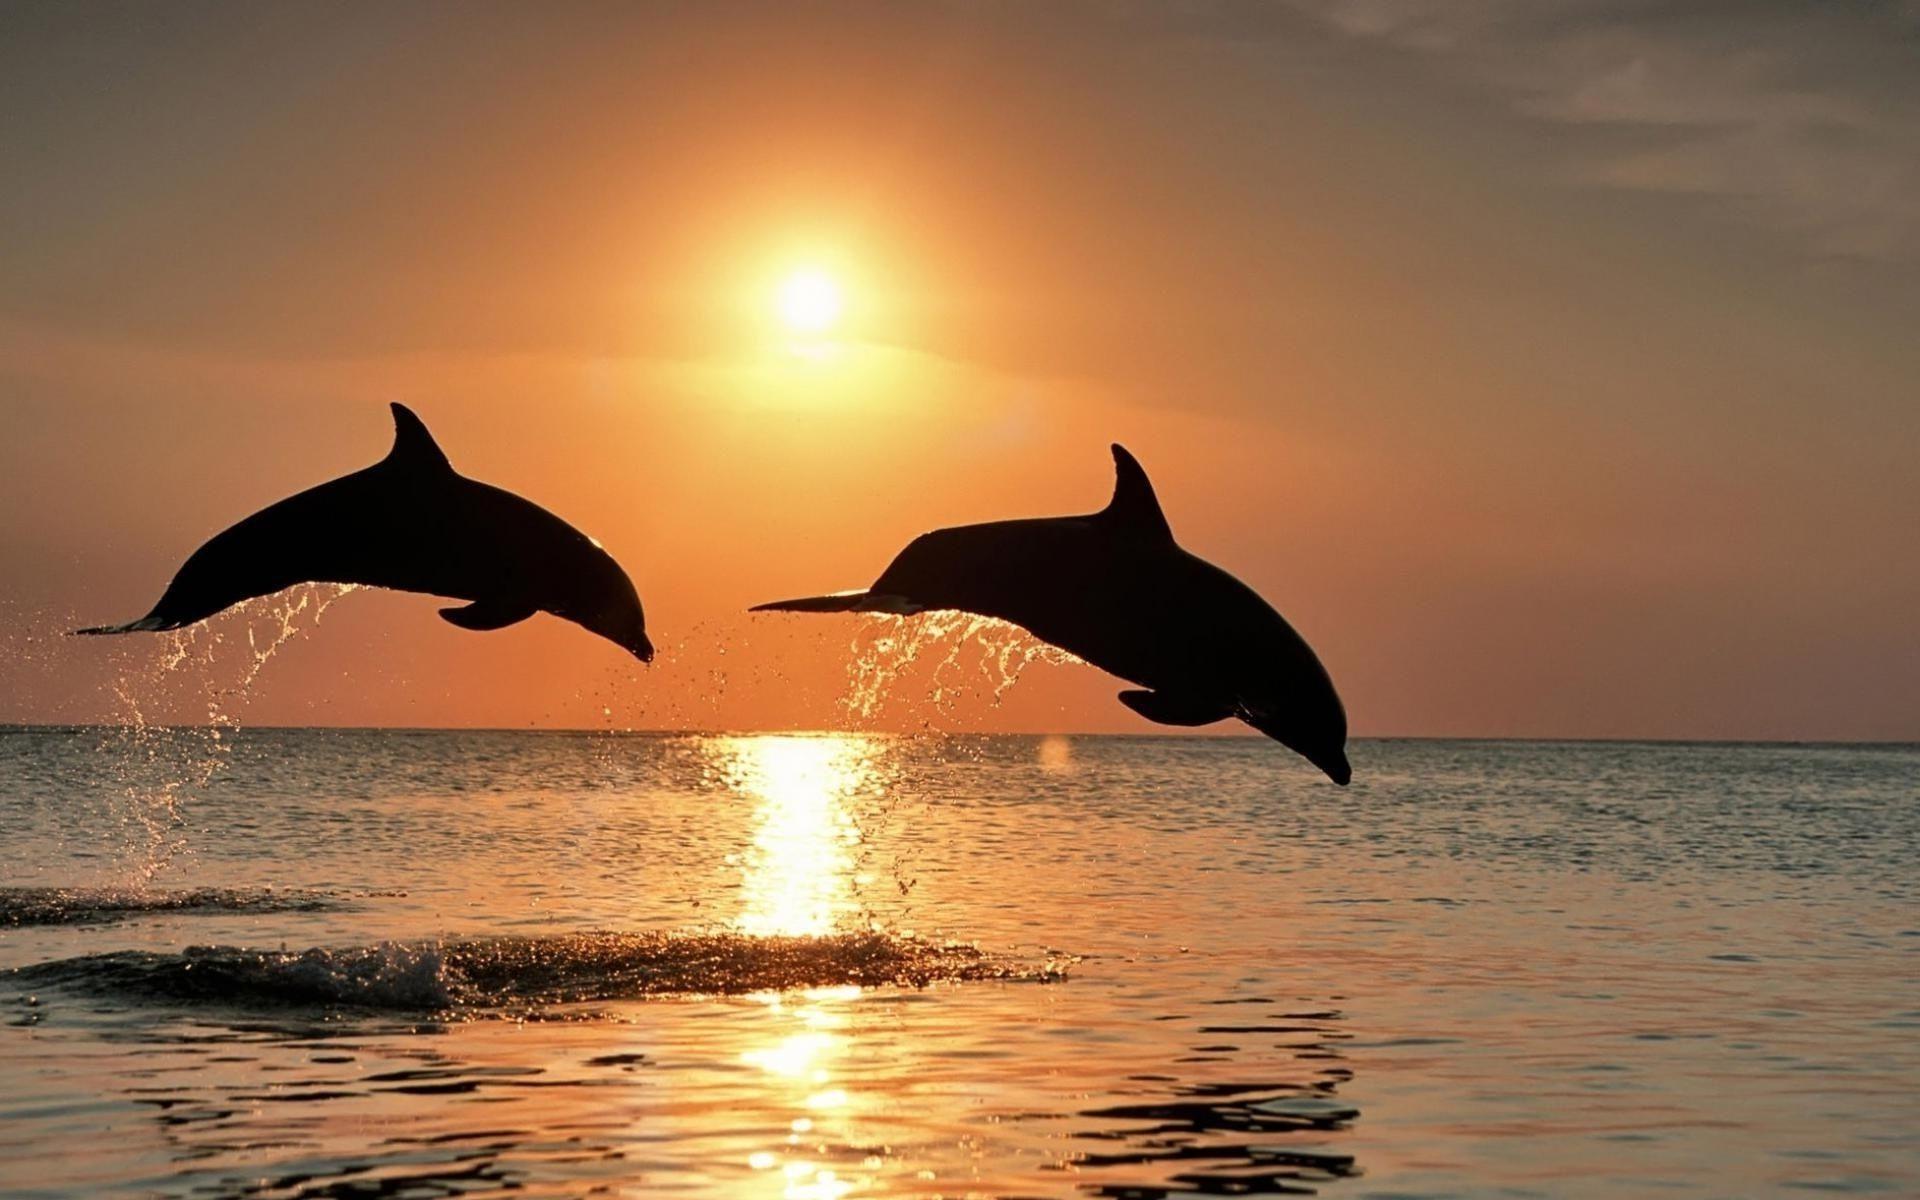 Дельфины обои для рабочего стола картинки животных на